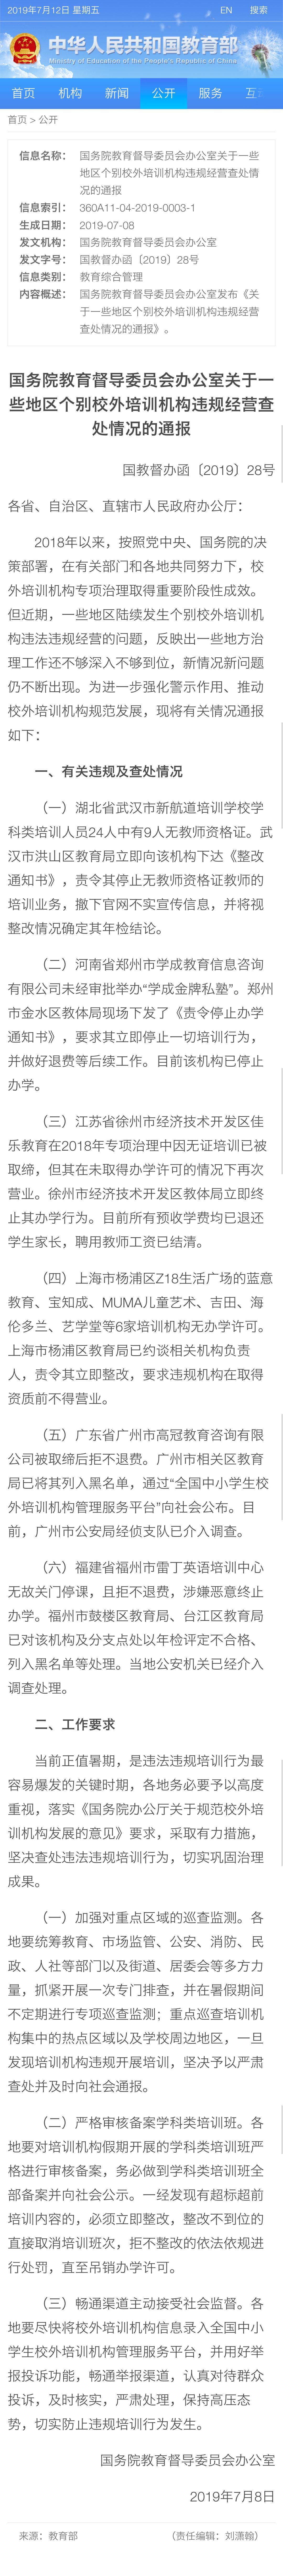 国务院集中通报六省市校外培训机构违规,新航道、雷丁英语等上榜插图